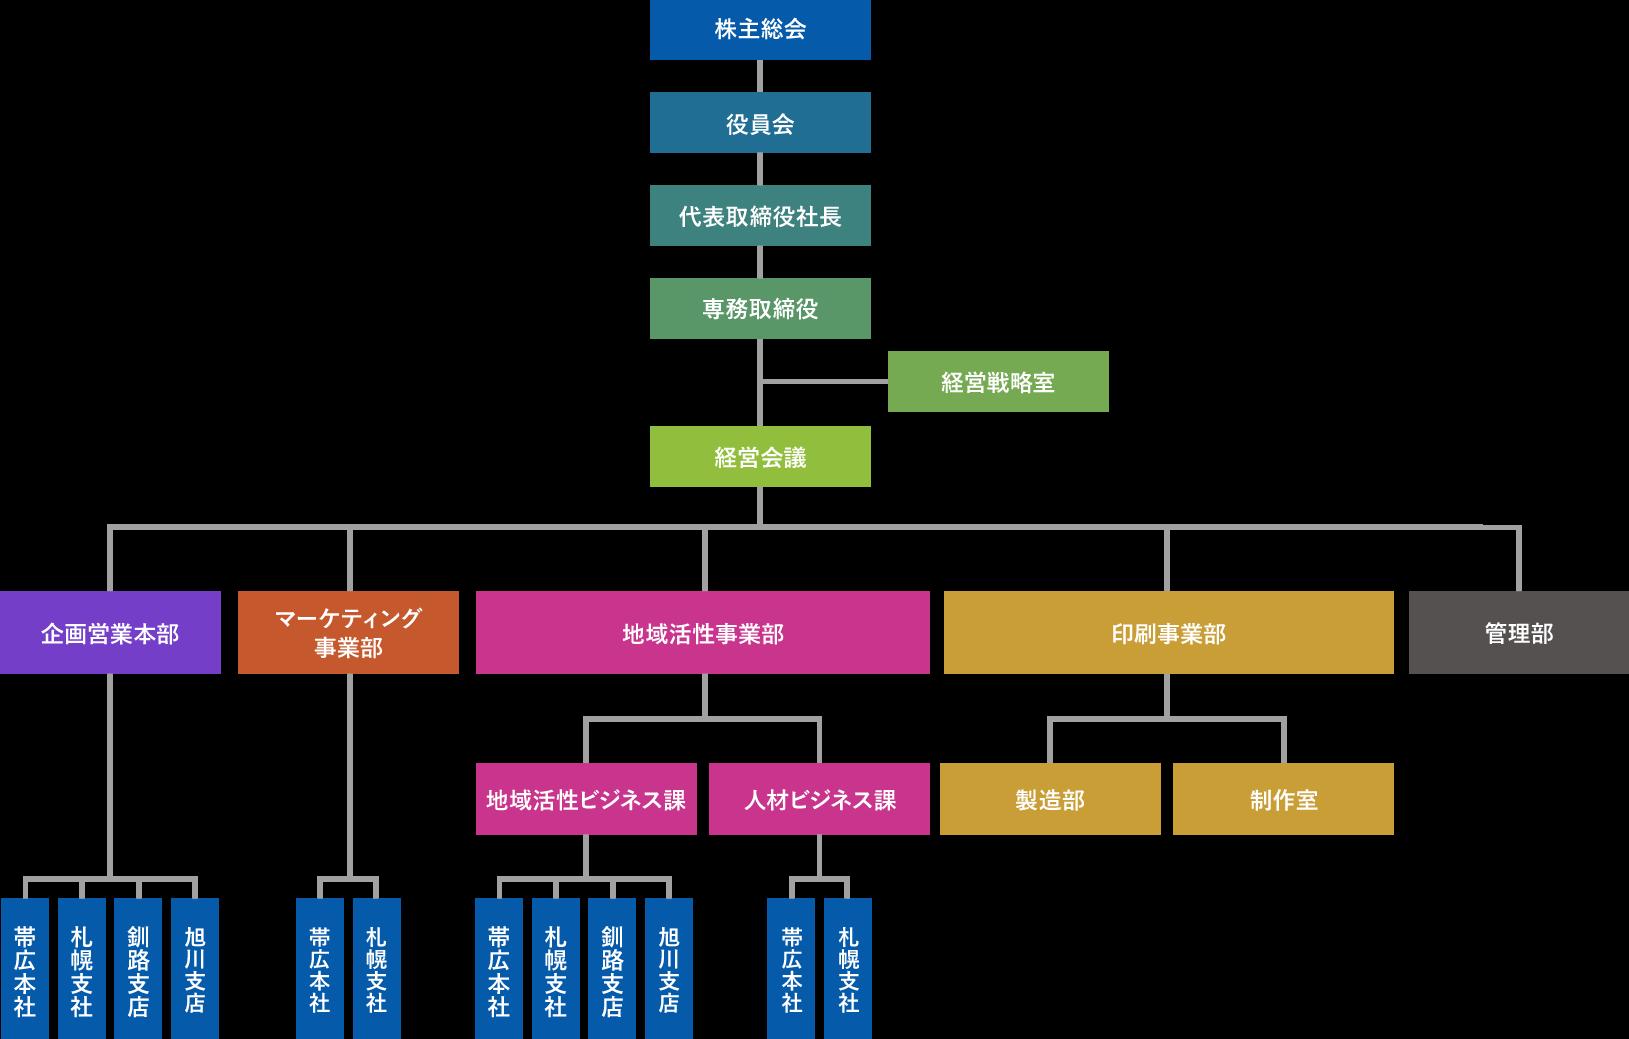 東洋株式会社の組織図